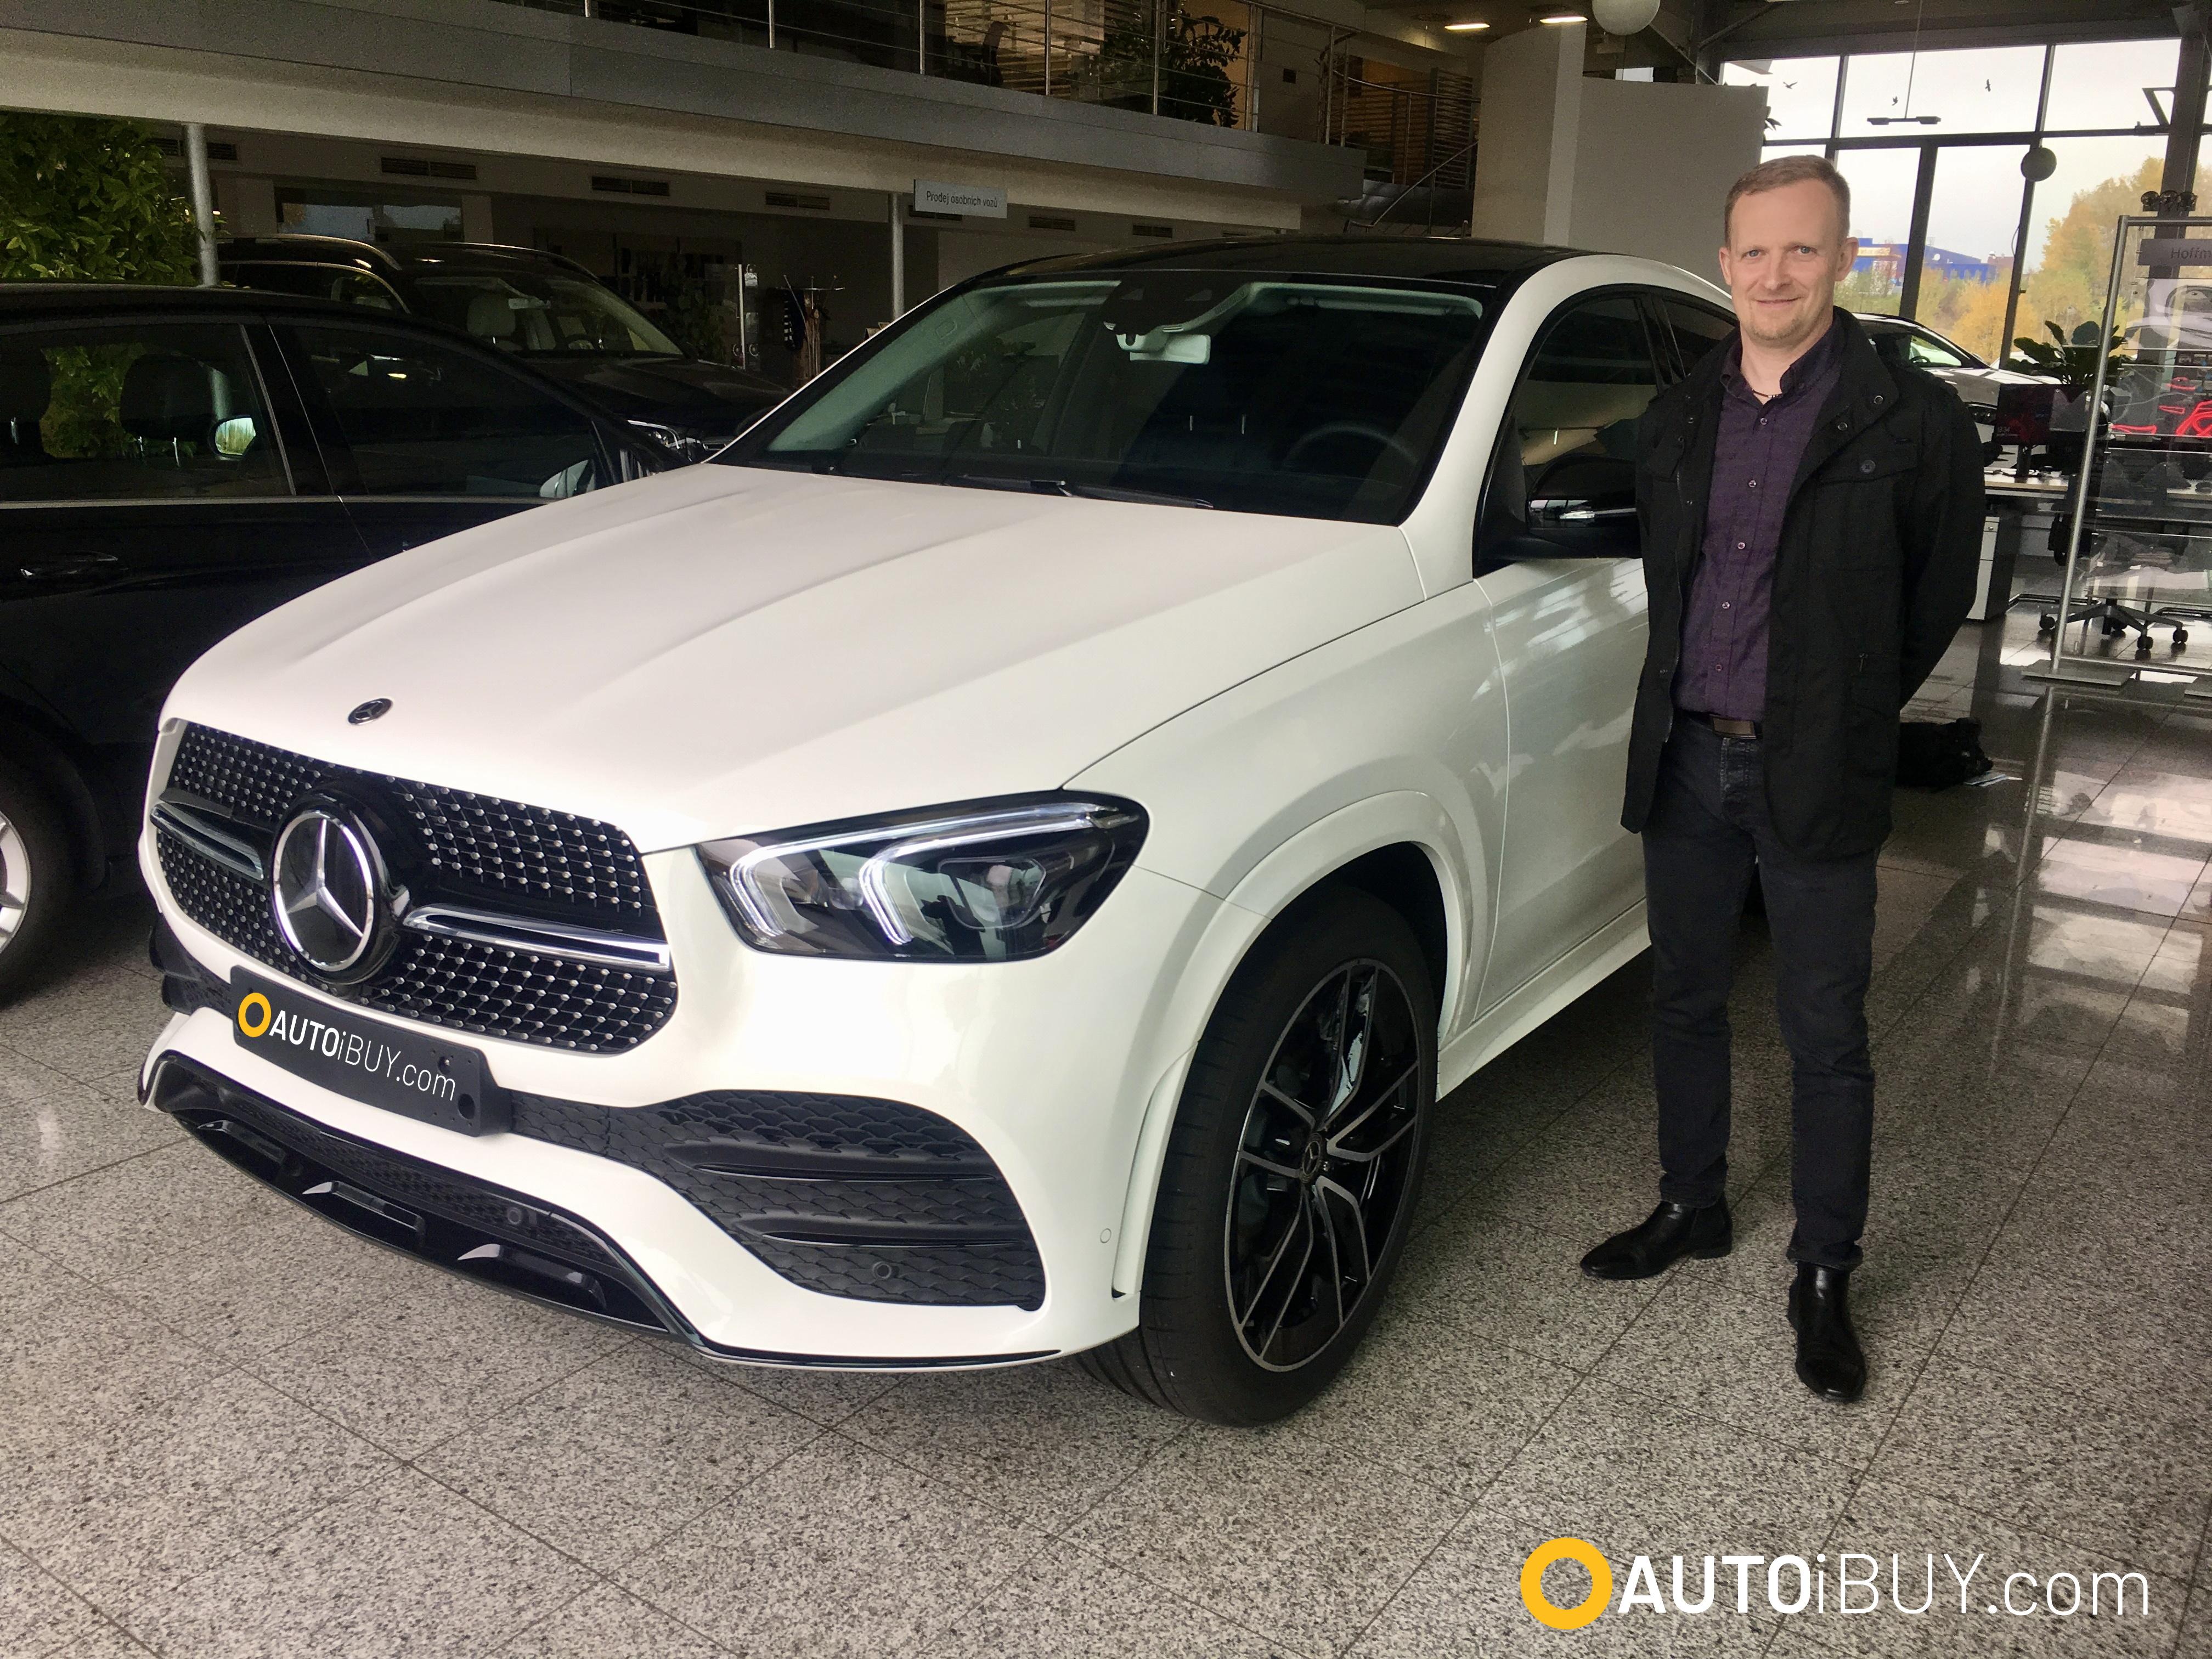 Mercedes GLE coupé 400d AMG | nové auto | reference | fotka z předání klientovi | nákup online